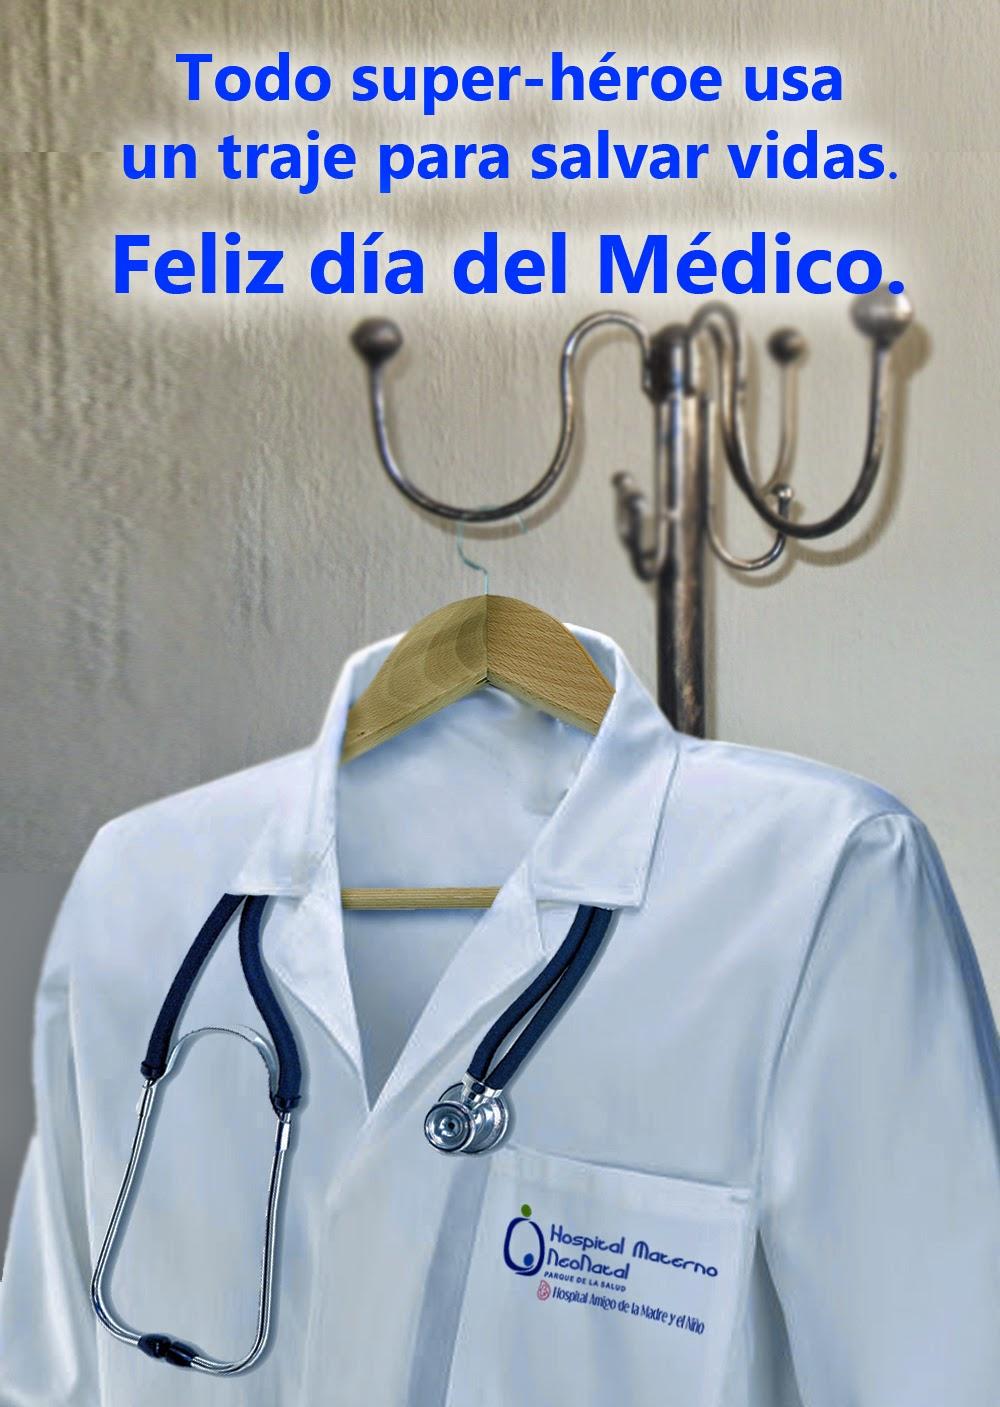 Mis practicas de medicina - 1 part 4